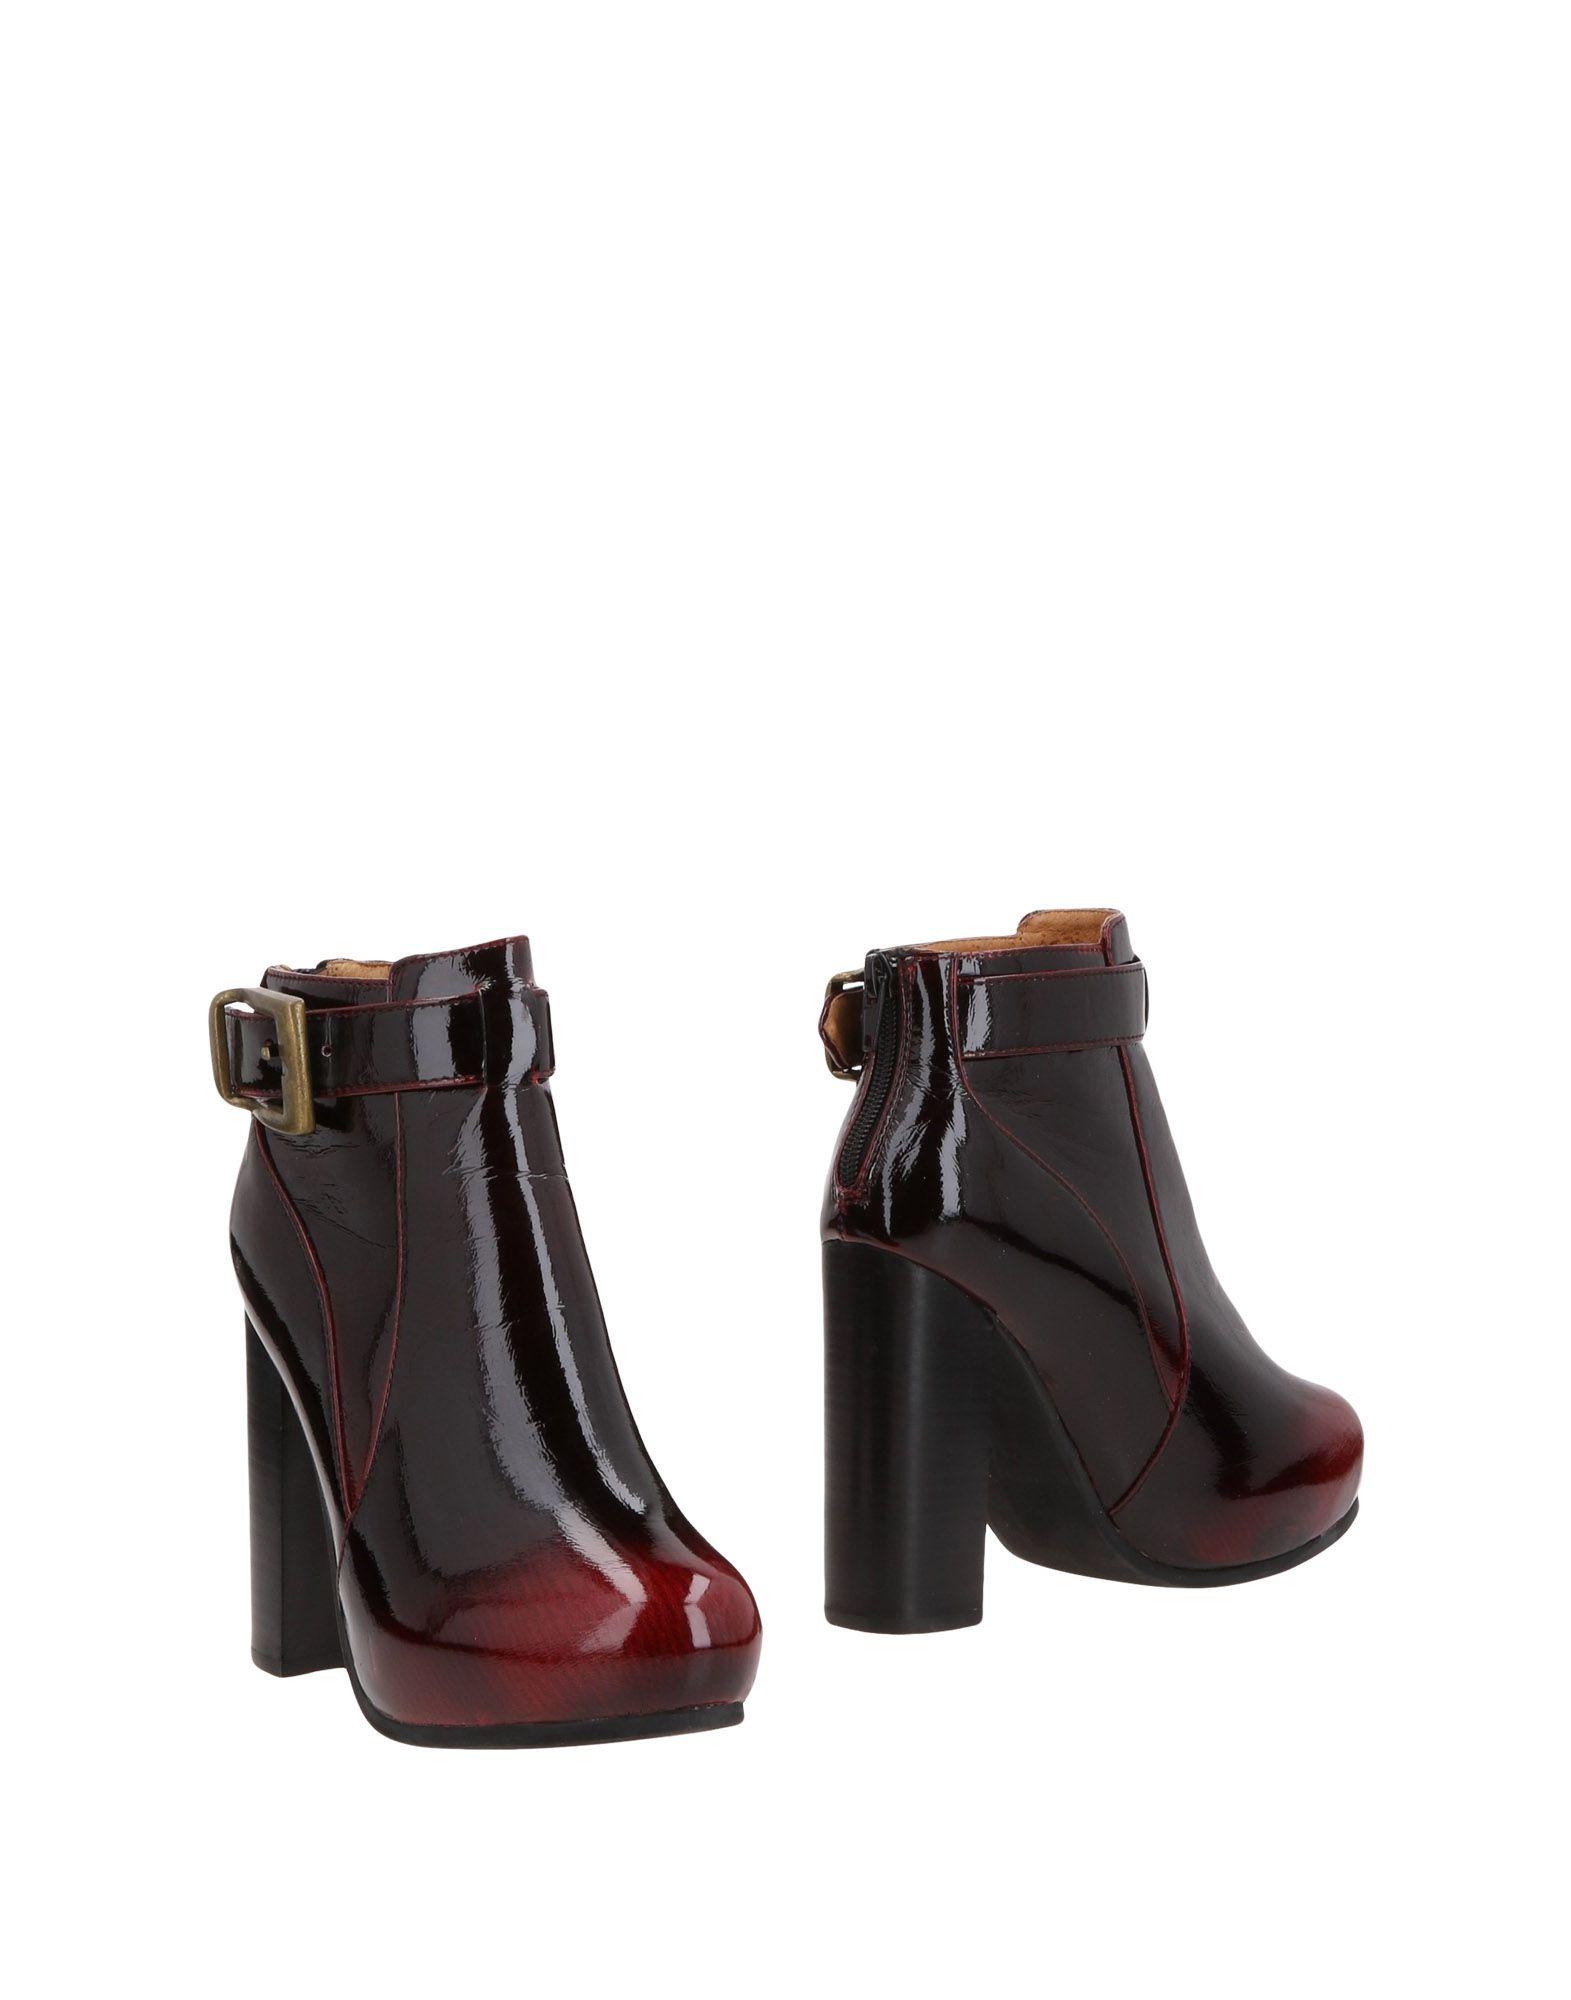 Jeffrey Campbell Stiefelette Damen  11460972CS Gute Schuhe Qualität beliebte Schuhe Gute 11359a